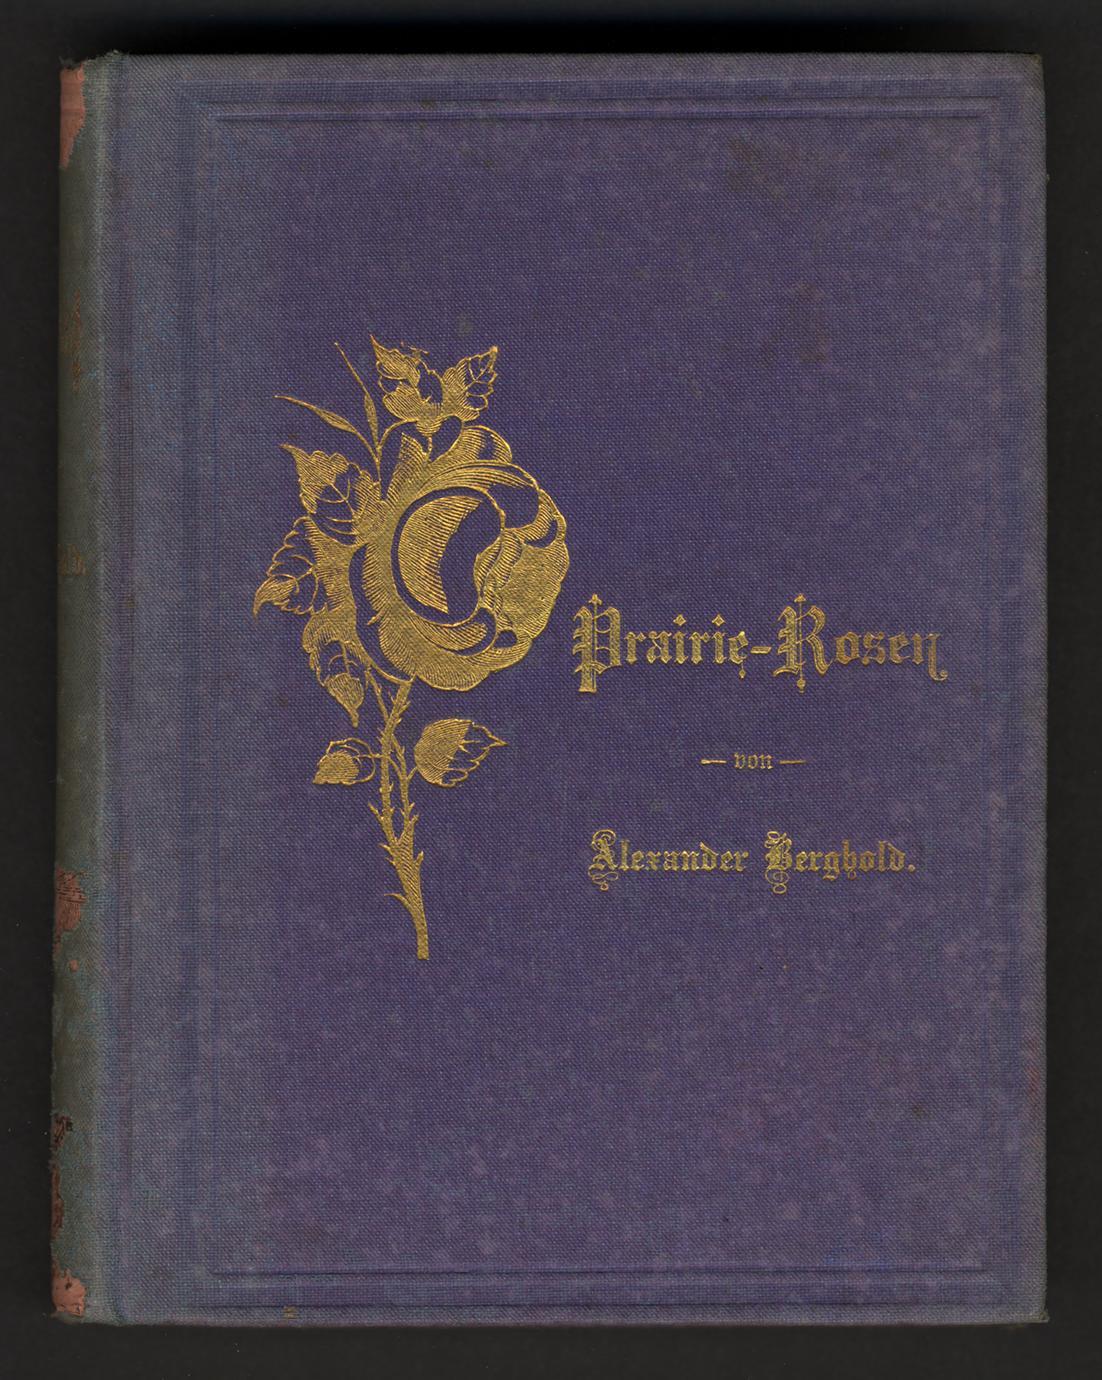 Prairie-Rosen (1 of 2)